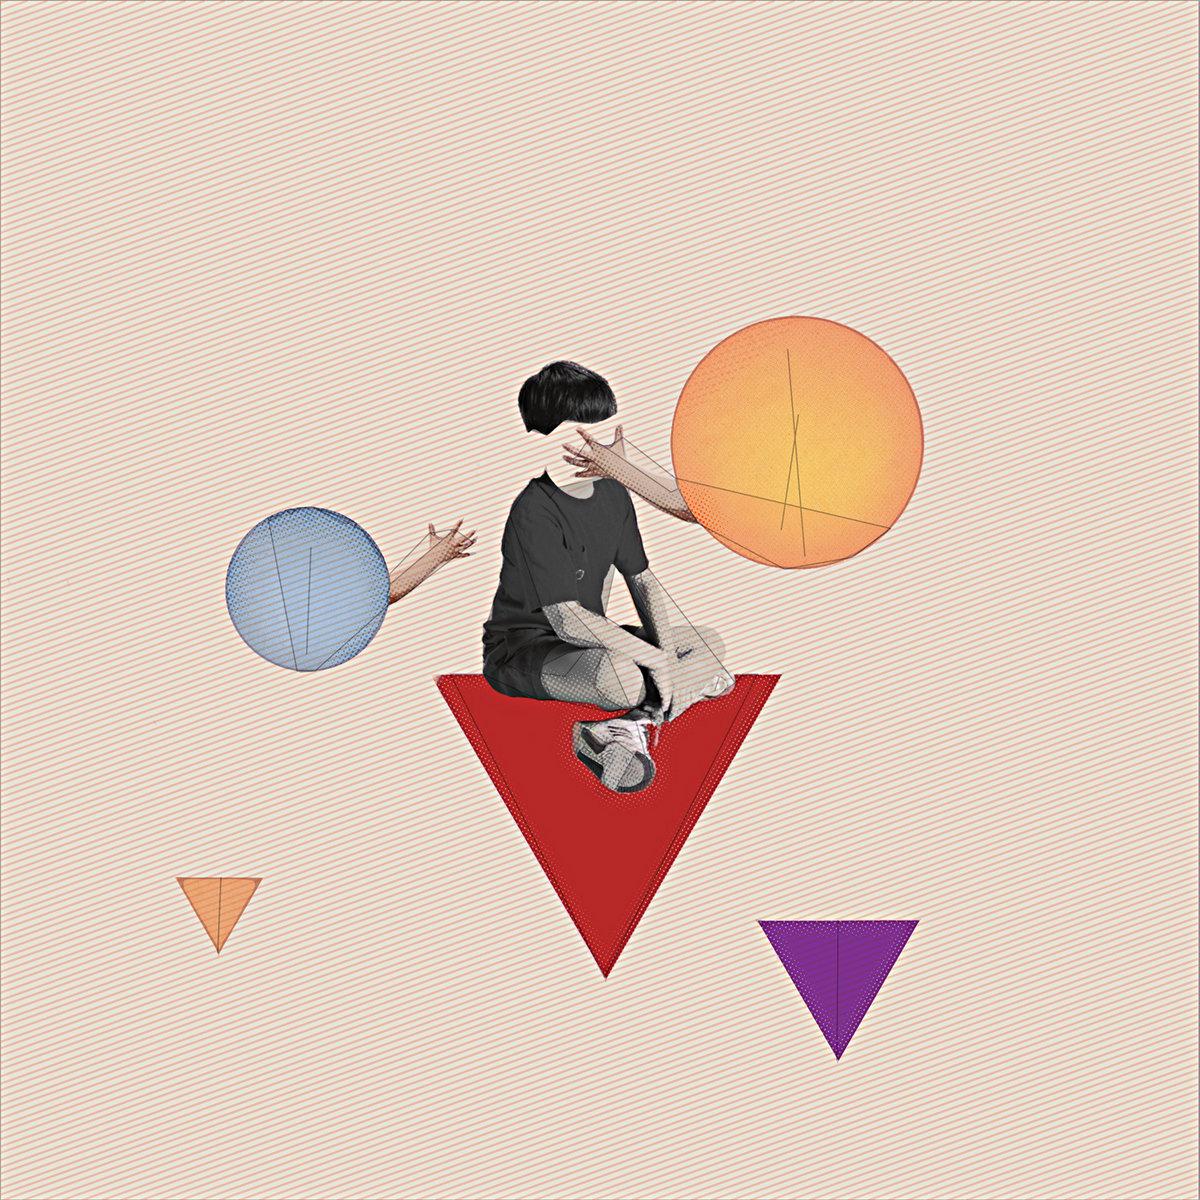 Bon voyage | melody's echo chamber.